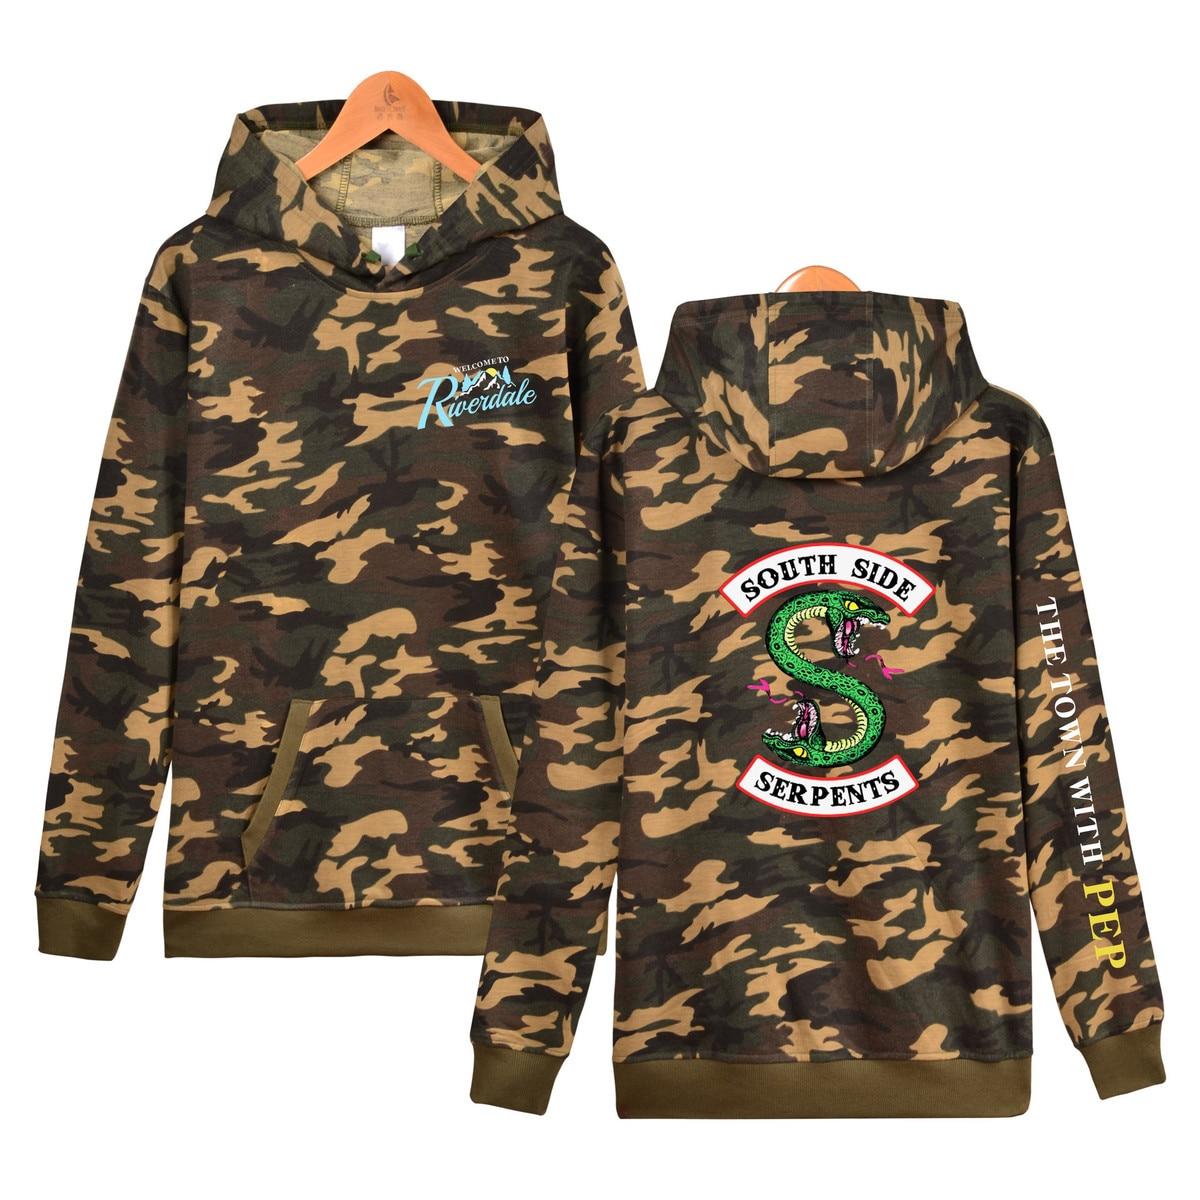 riverdale hoodie woman 2018 hood Hoodies Sweatshirts Hooded camouflage fashion hoddie clothing costume southside serpents hoodie